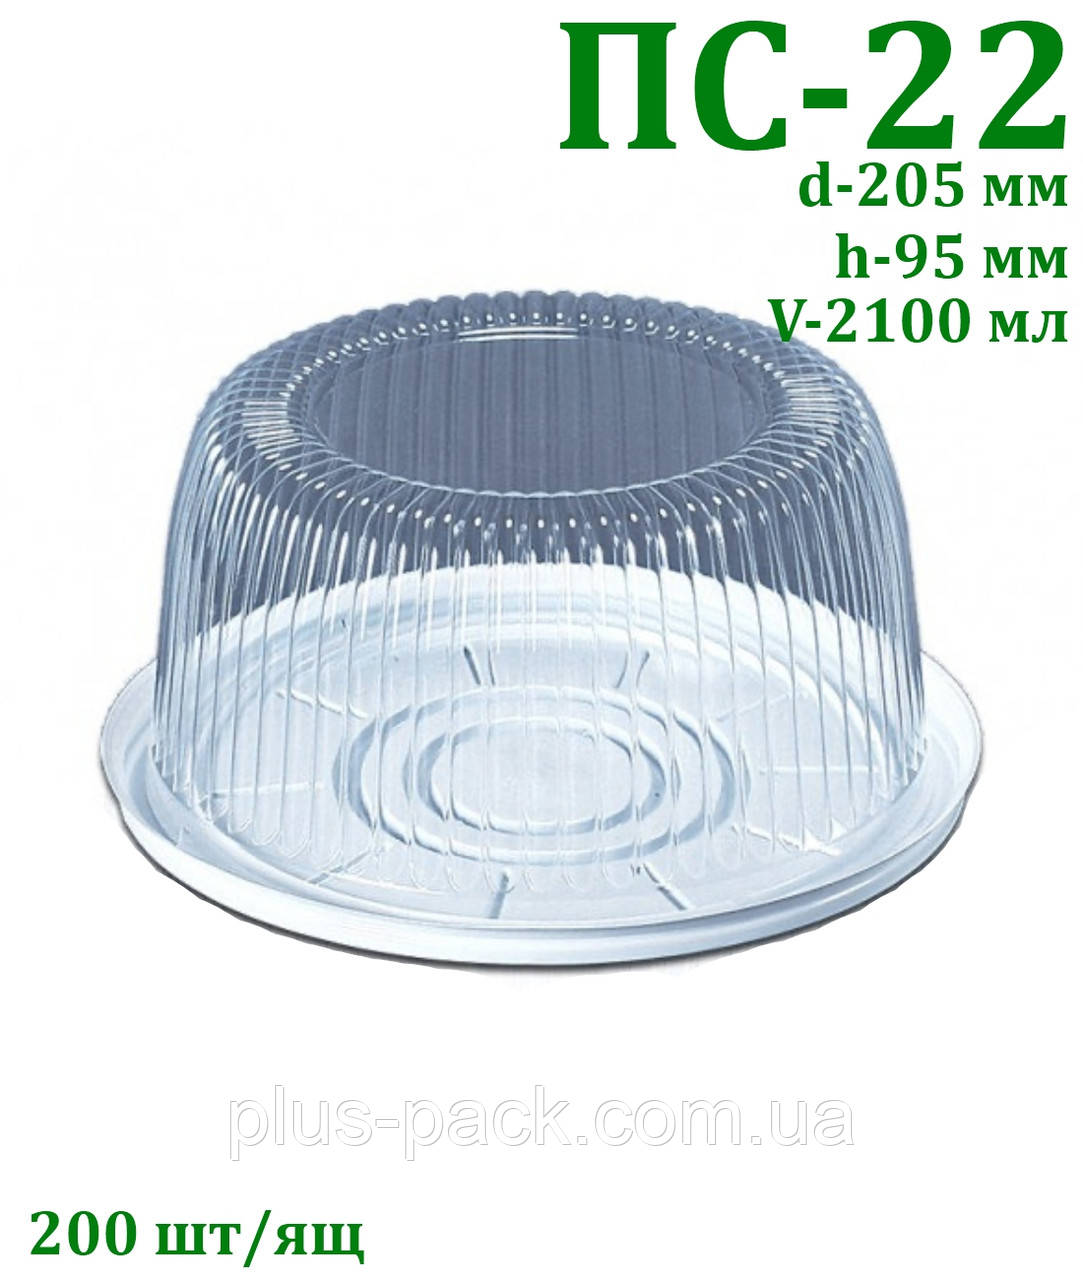 Одноразовая упаковка для тортов ПС-22(0,5 кг) 200шт/ящ